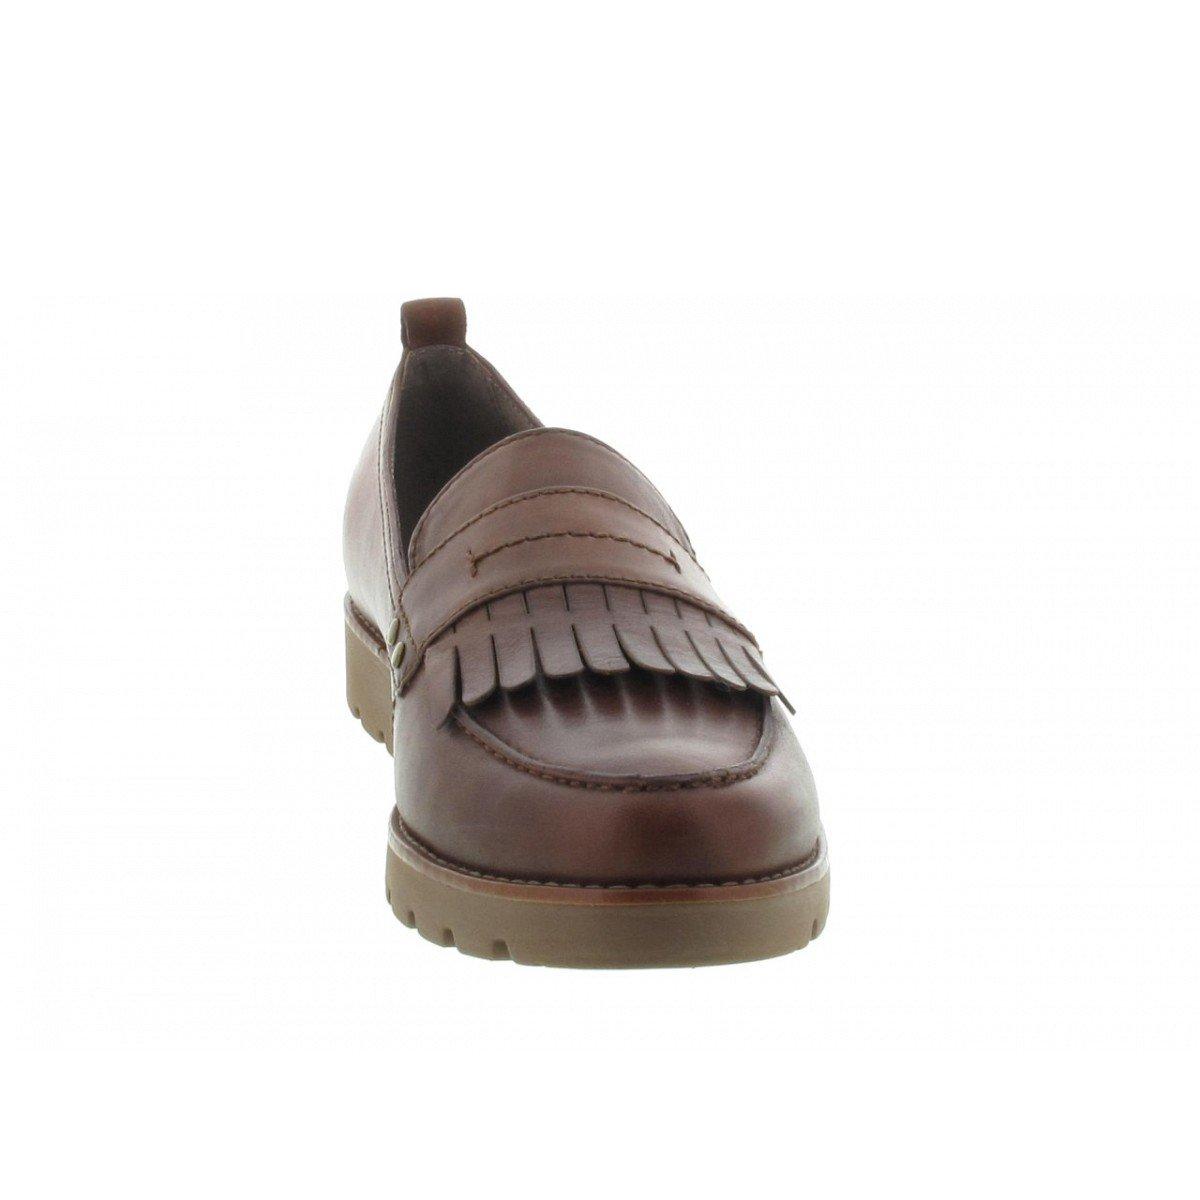 JANA JANA JANA Jana Damenschuhe Schuhe 24700 Cognac Braun 0f92bc